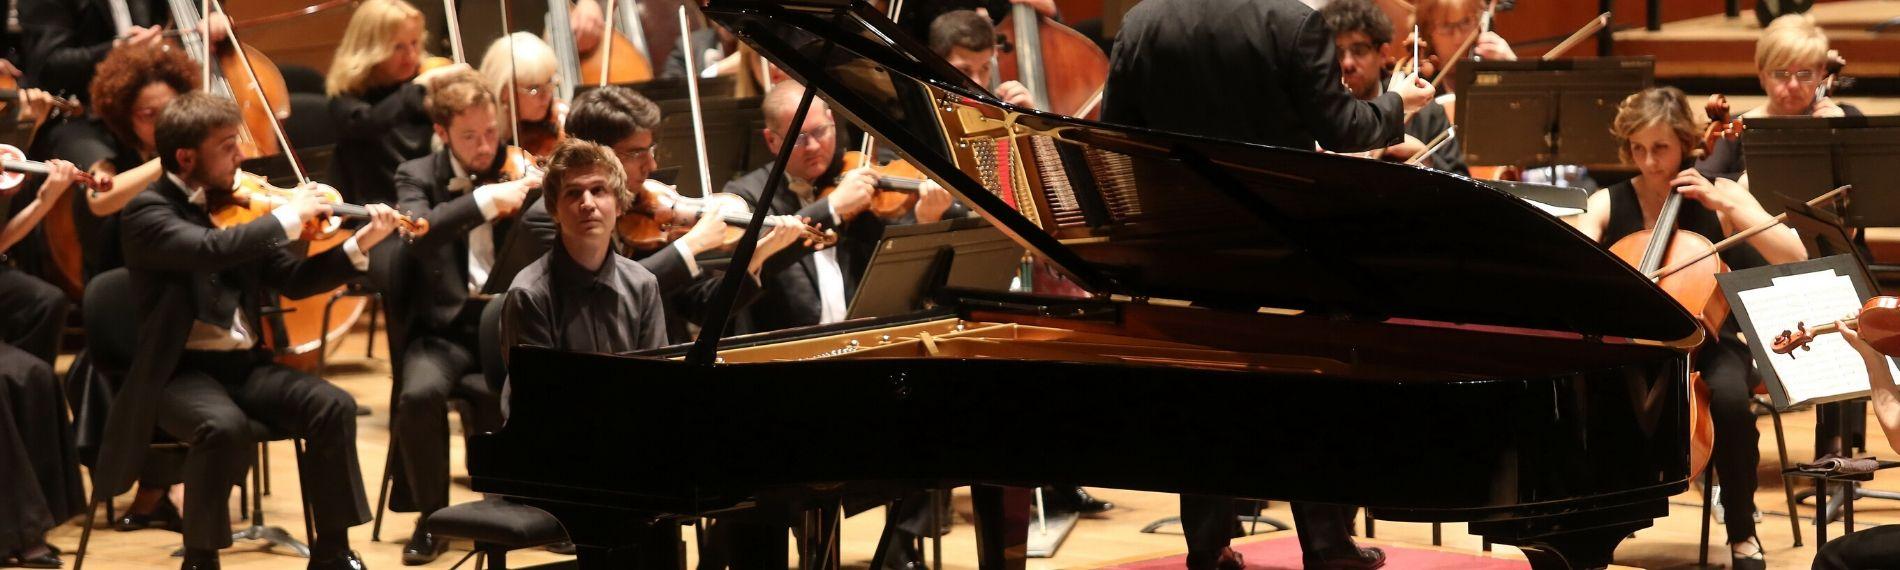 Concert by Evgeny Konnov